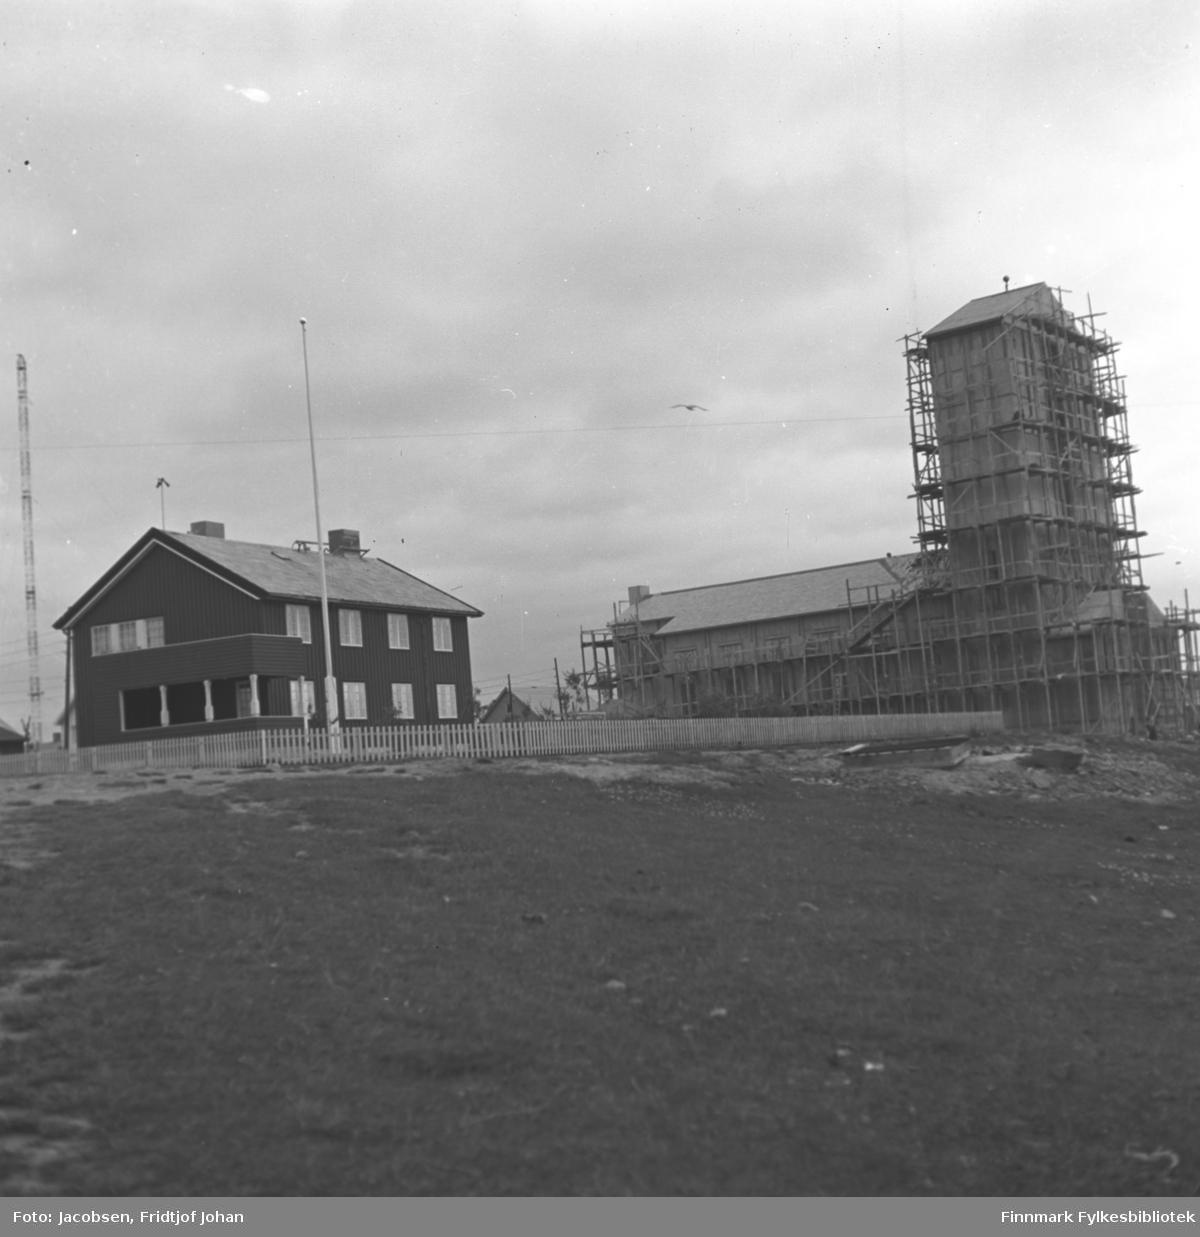 Bygging av det som sannsynligvis er Vadsø kirke, en langkirke i betong.